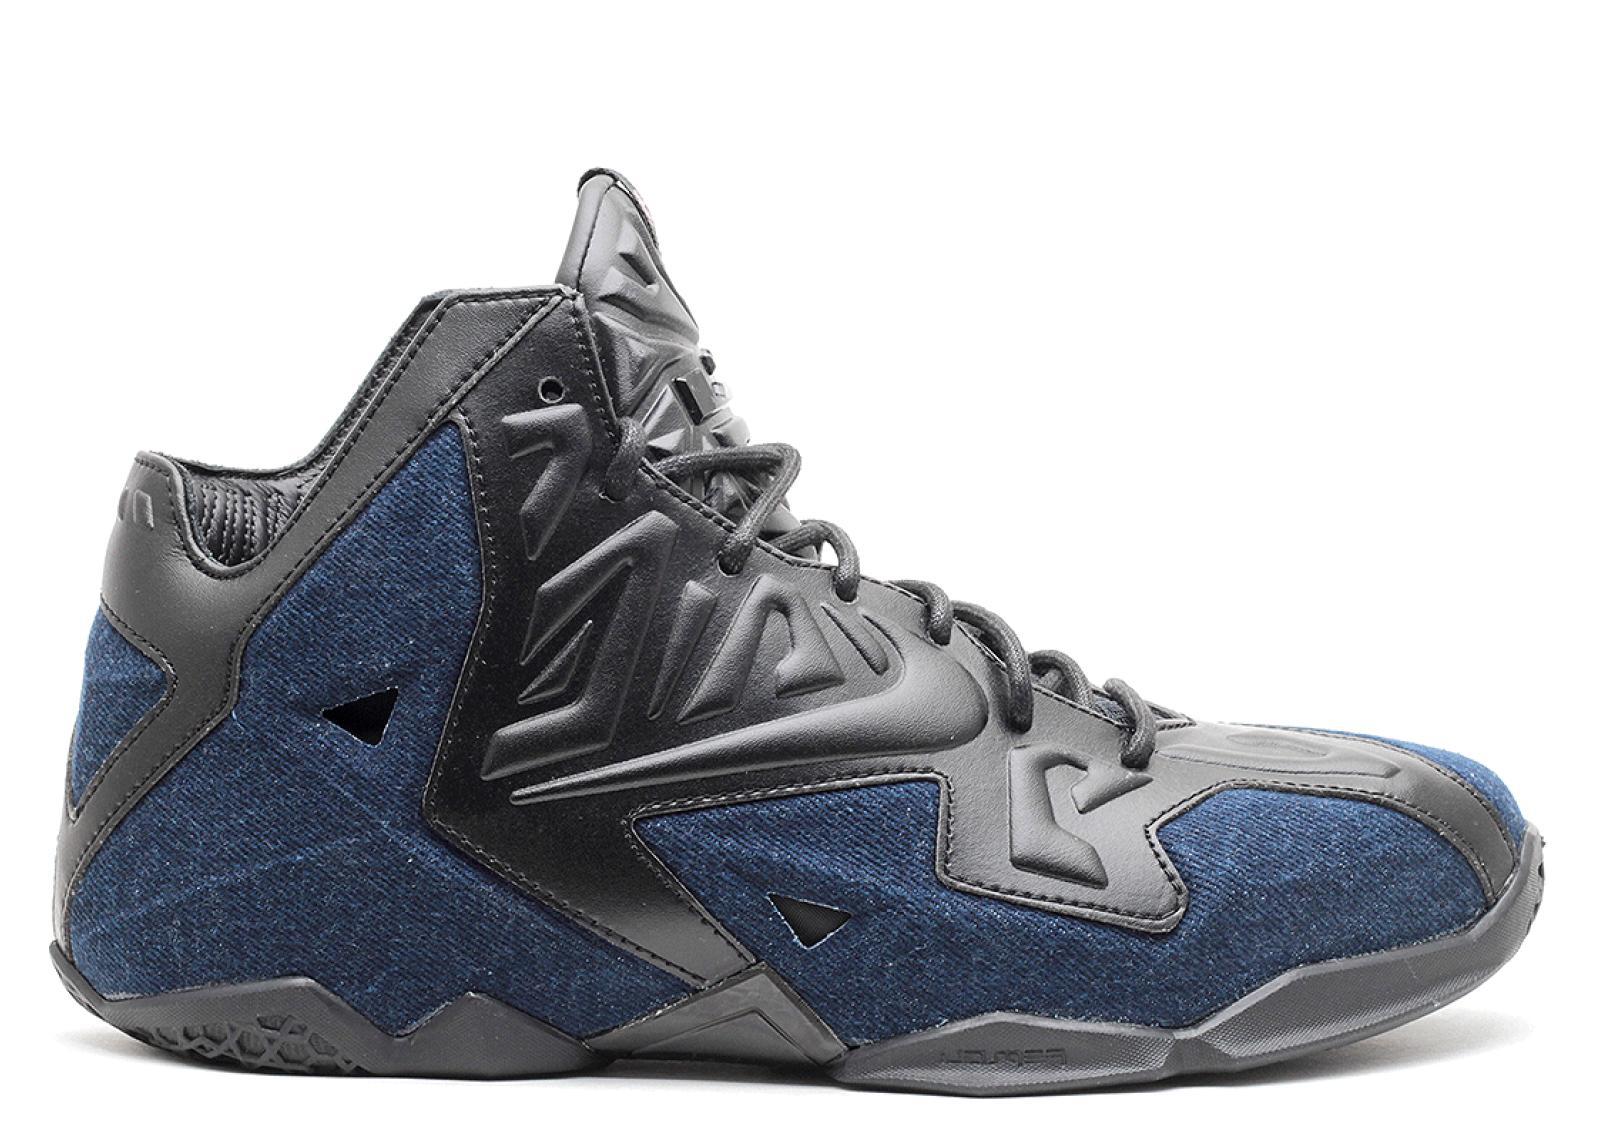 ナイキ レブロン デニム メンズ 男性用 靴 メンズ靴 スニーカー 【 NIKE LEBRON 11 EXT DENIM QS BLAC BLACKDENIM 】